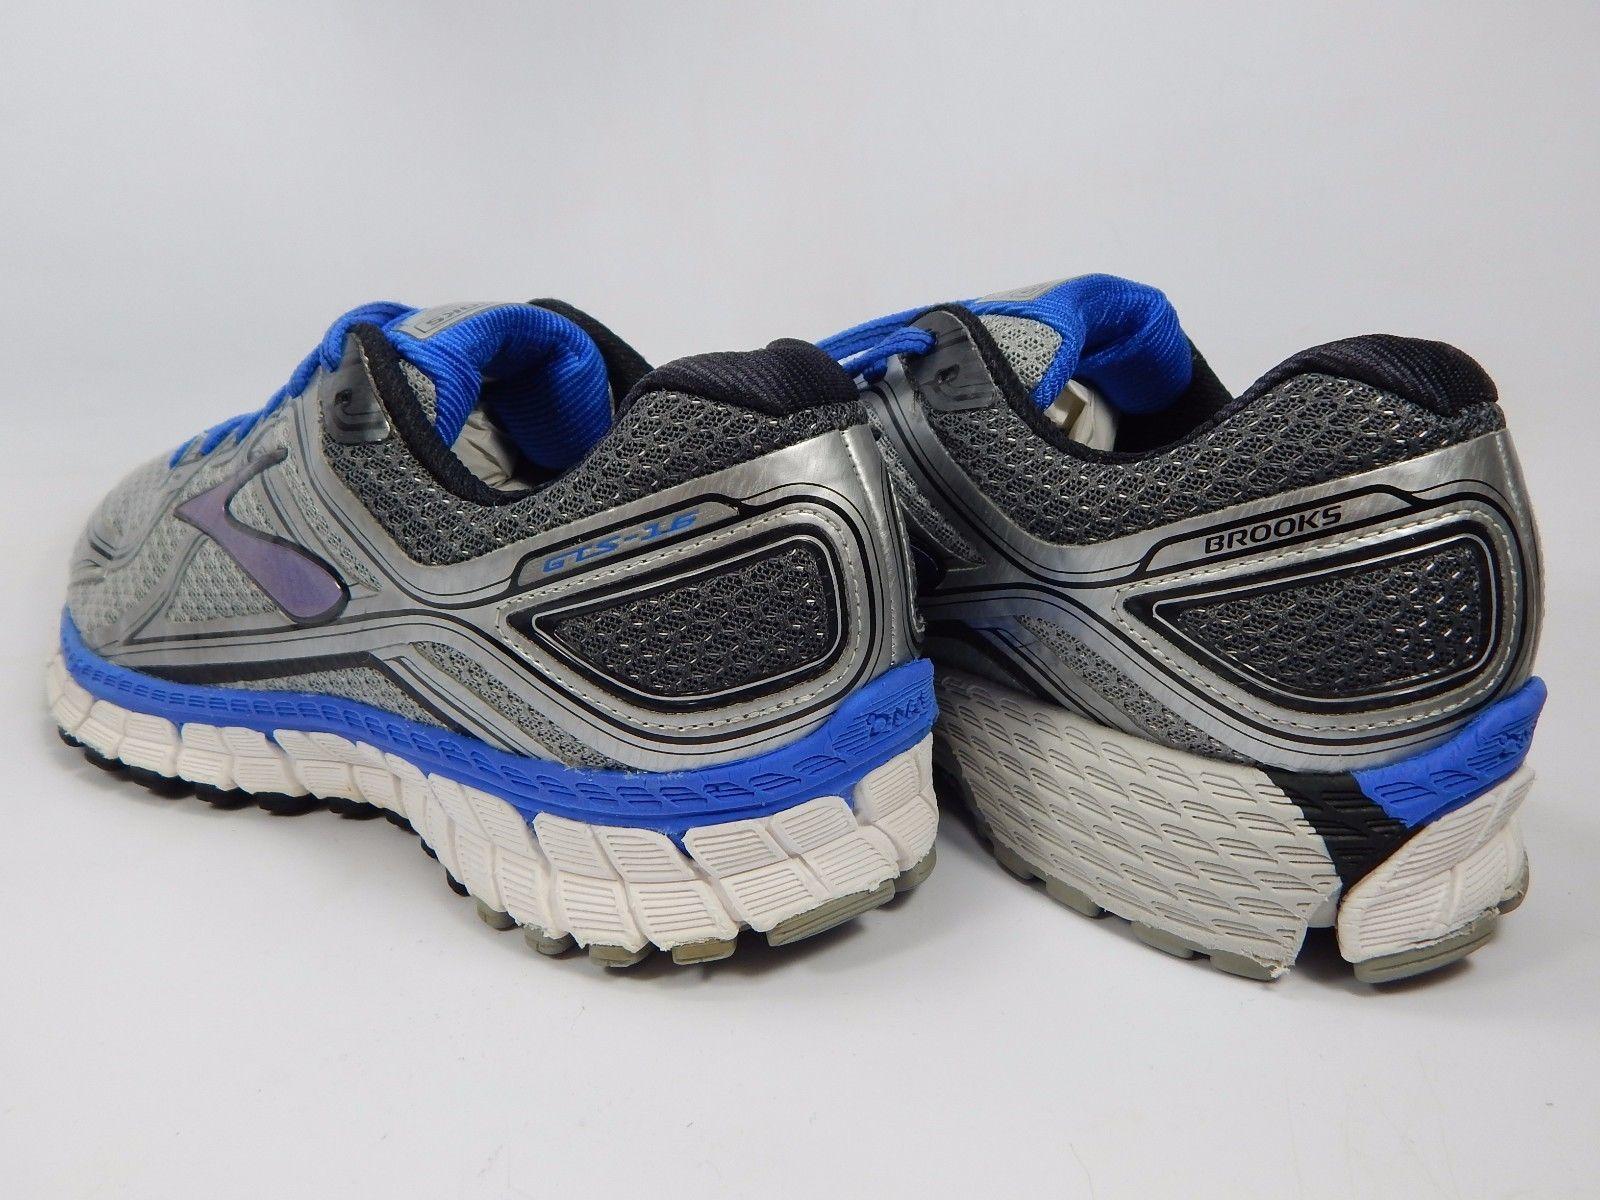 Brooks GTS 16 Men's Running Shoes Sz US 9 M (D) EU 42.5 Blue Silver 1102121D181